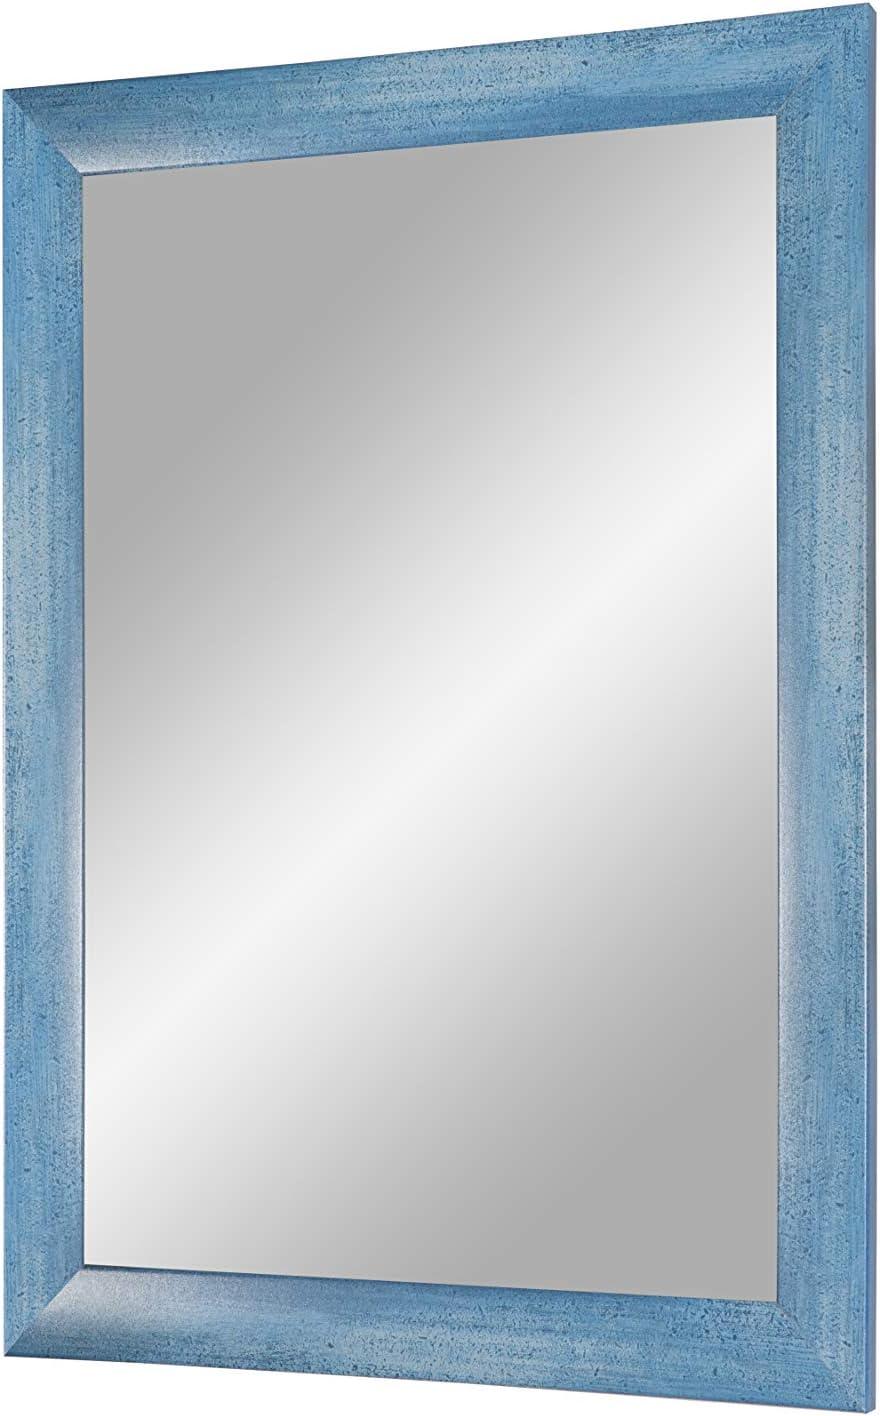 Duisburger-Rahmen24 Flex 35 Specchio da Parete con Cornice Azzurra su Misura 30 x 30 cm Azzurro Au/ßenma/ß con Cornice in Legno MDF da 35 mm Cornice con Specchio e Dorso Stabile con Ganci